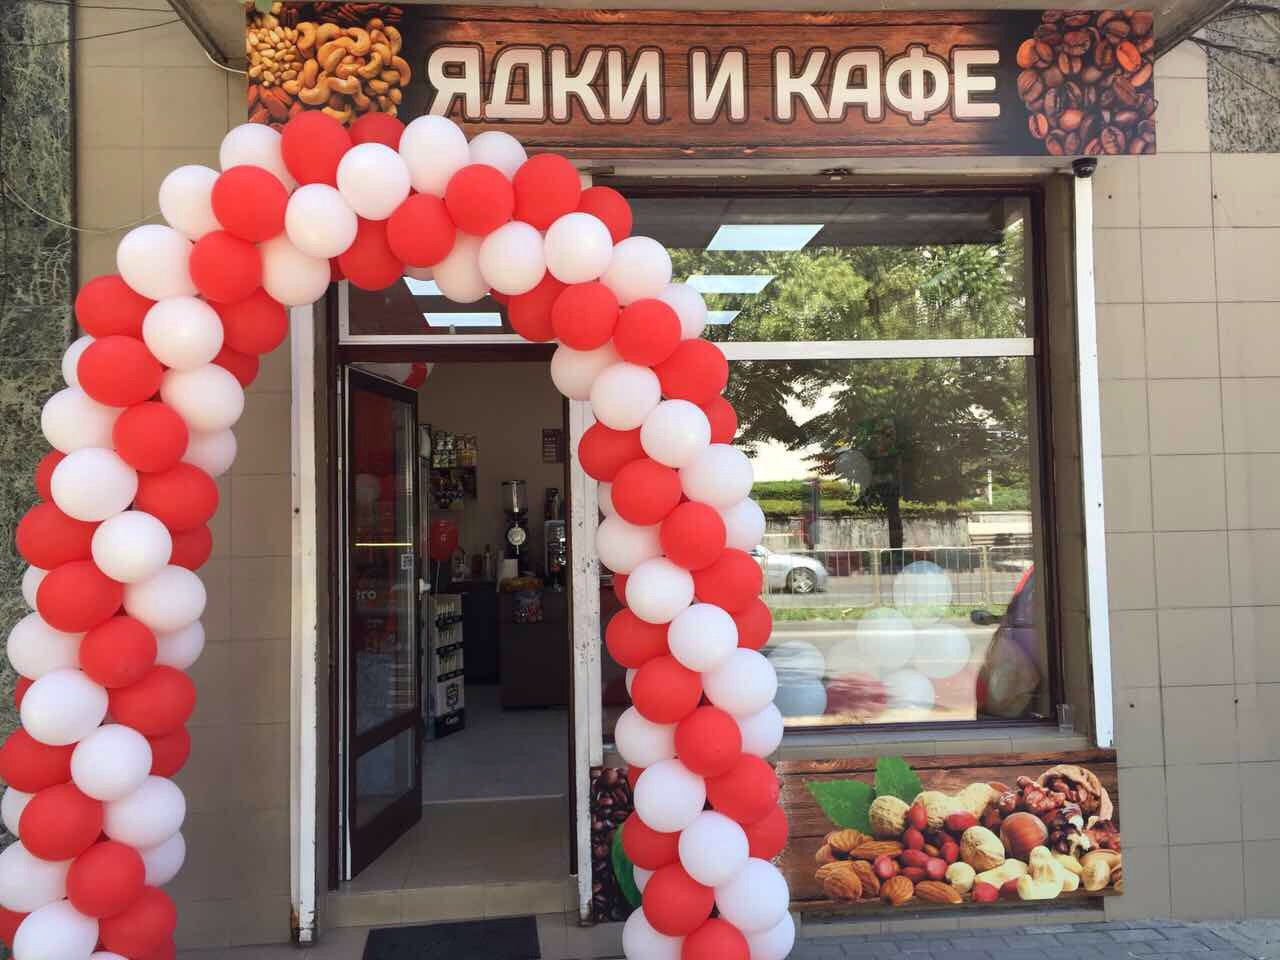 Ядки и кафе - Infocall.bg